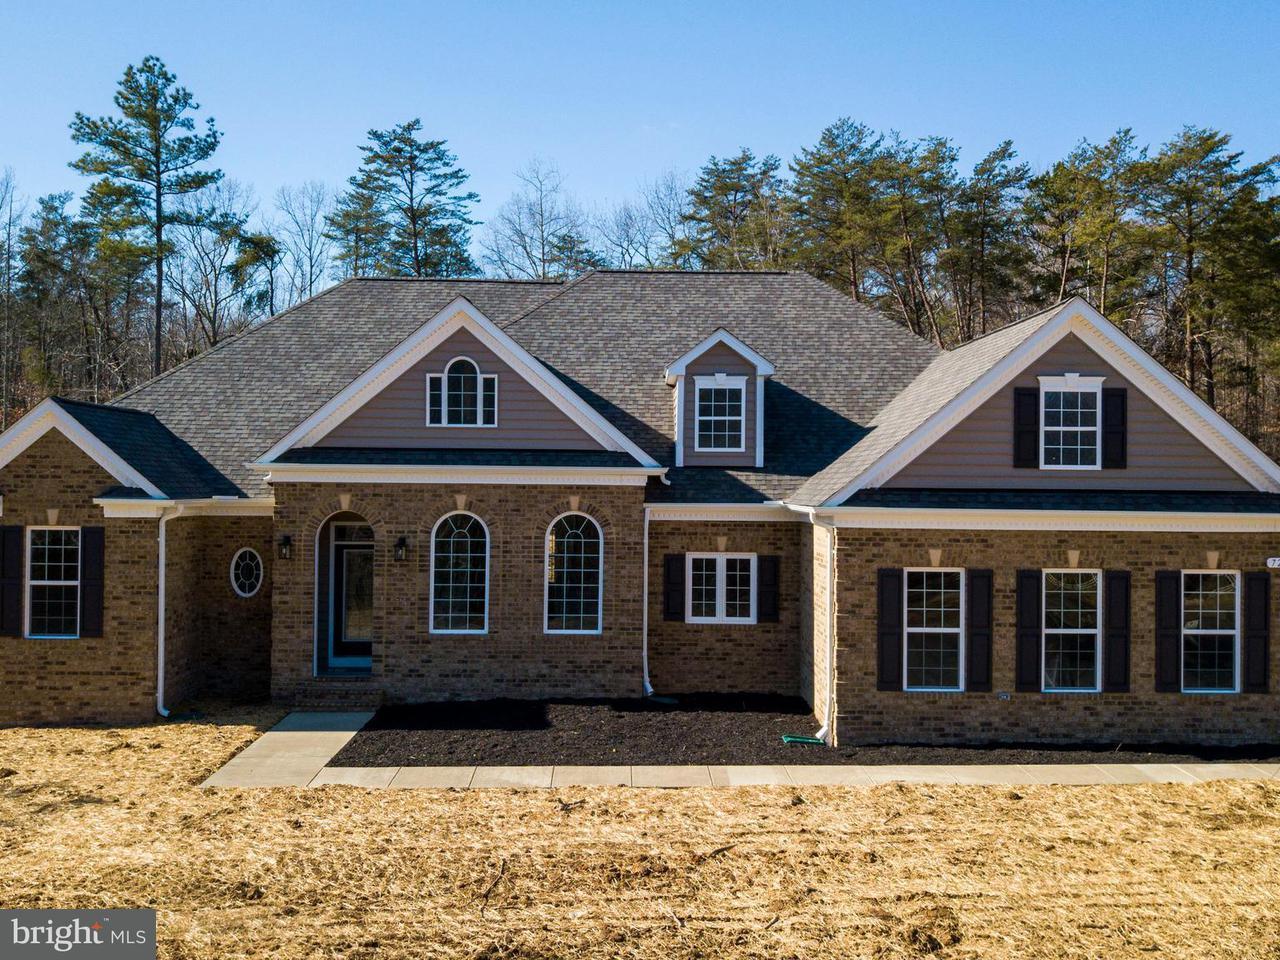 Частный односемейный дом для того Продажа на 7259 RUSSELL CROFT Court 7259 RUSSELL CROFT Court Port Tobacco, Мэриленд 20677 Соединенные Штаты